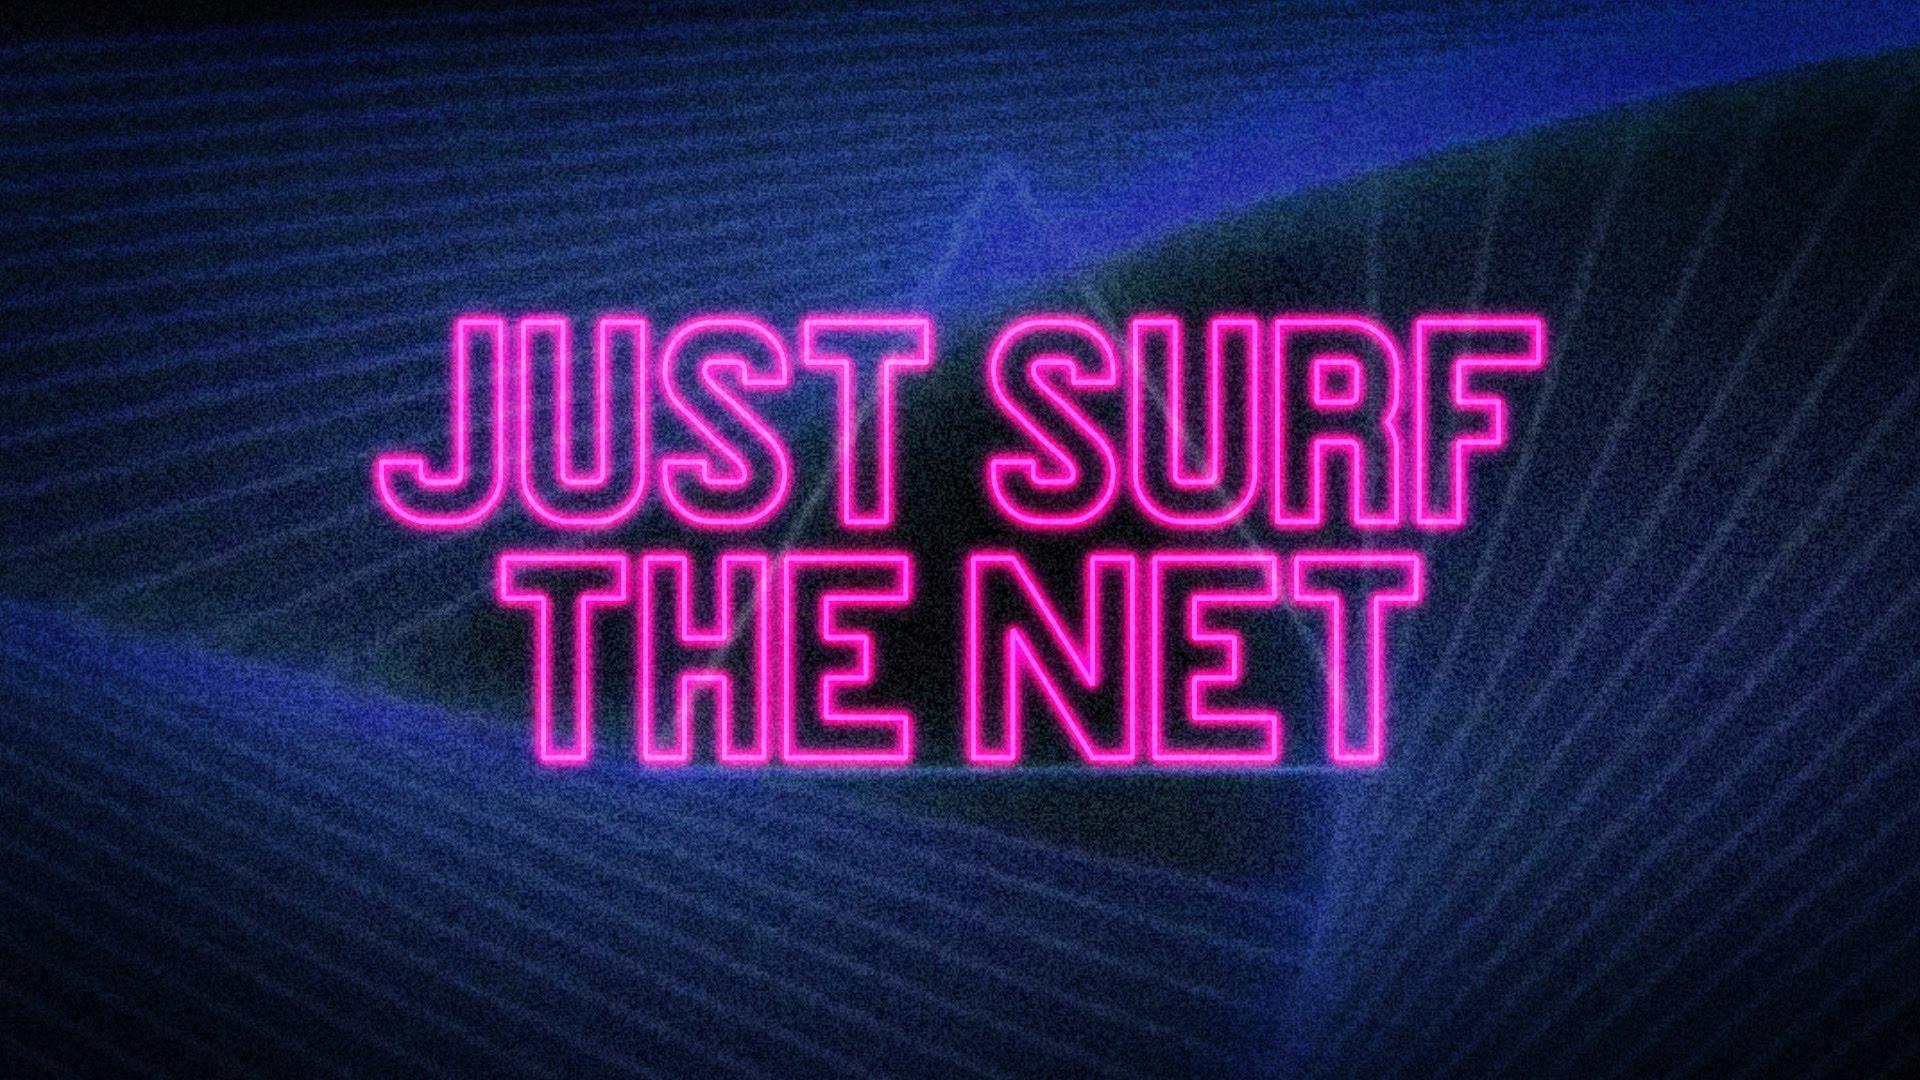 """""""JUST SURF THE NET"""" ist eine Hymne aus 90s Internet Instruction Videos"""